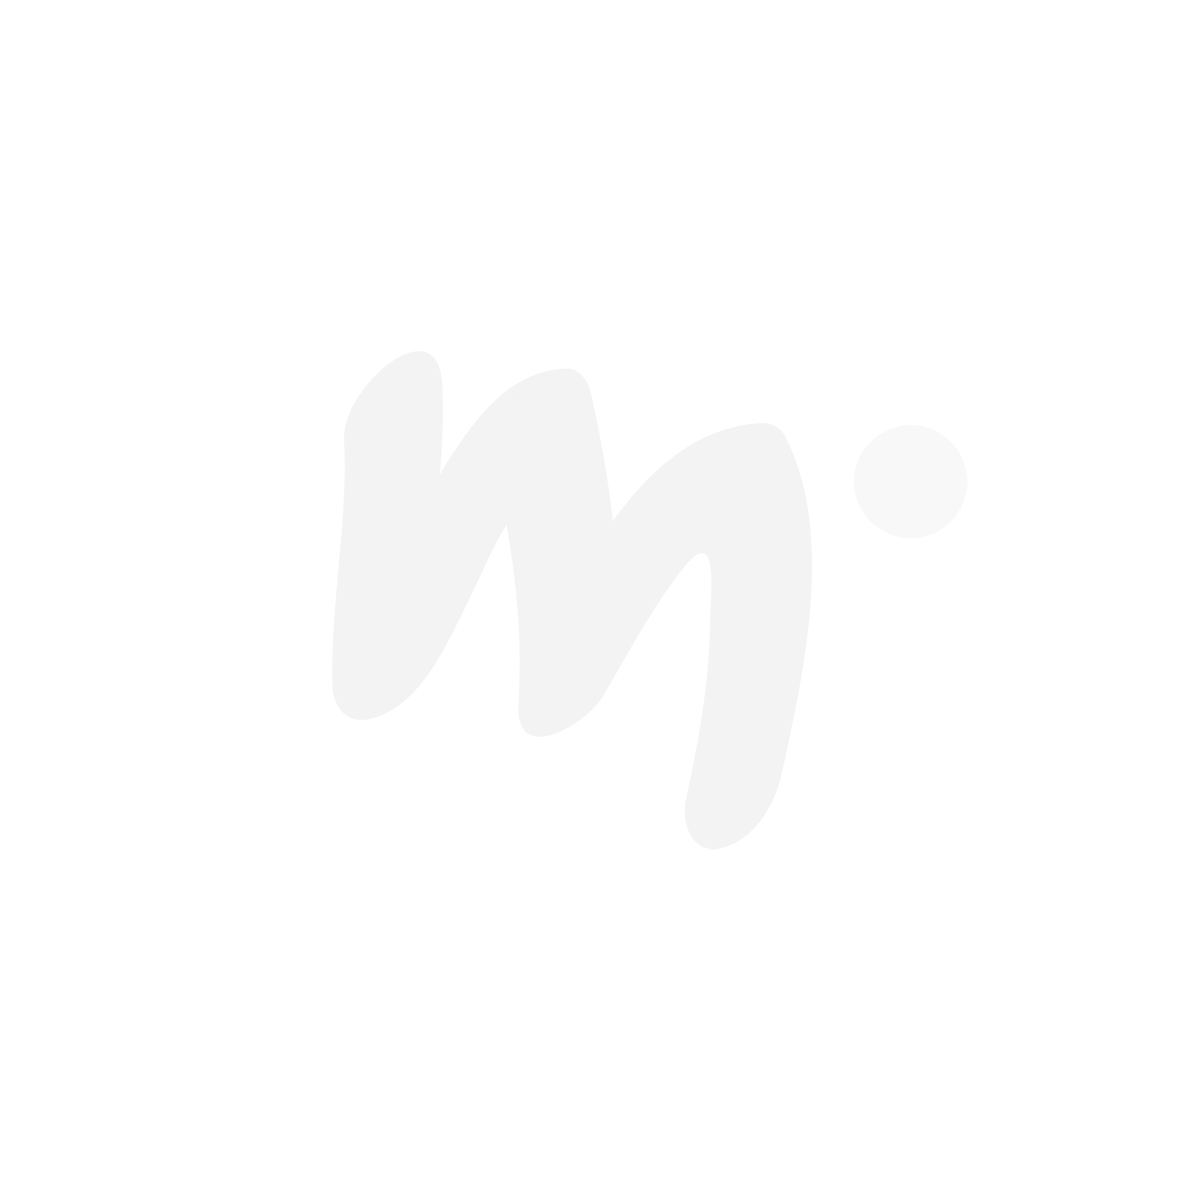 Peppi Pitkätossu Huvikummussa-mekko valkoinen